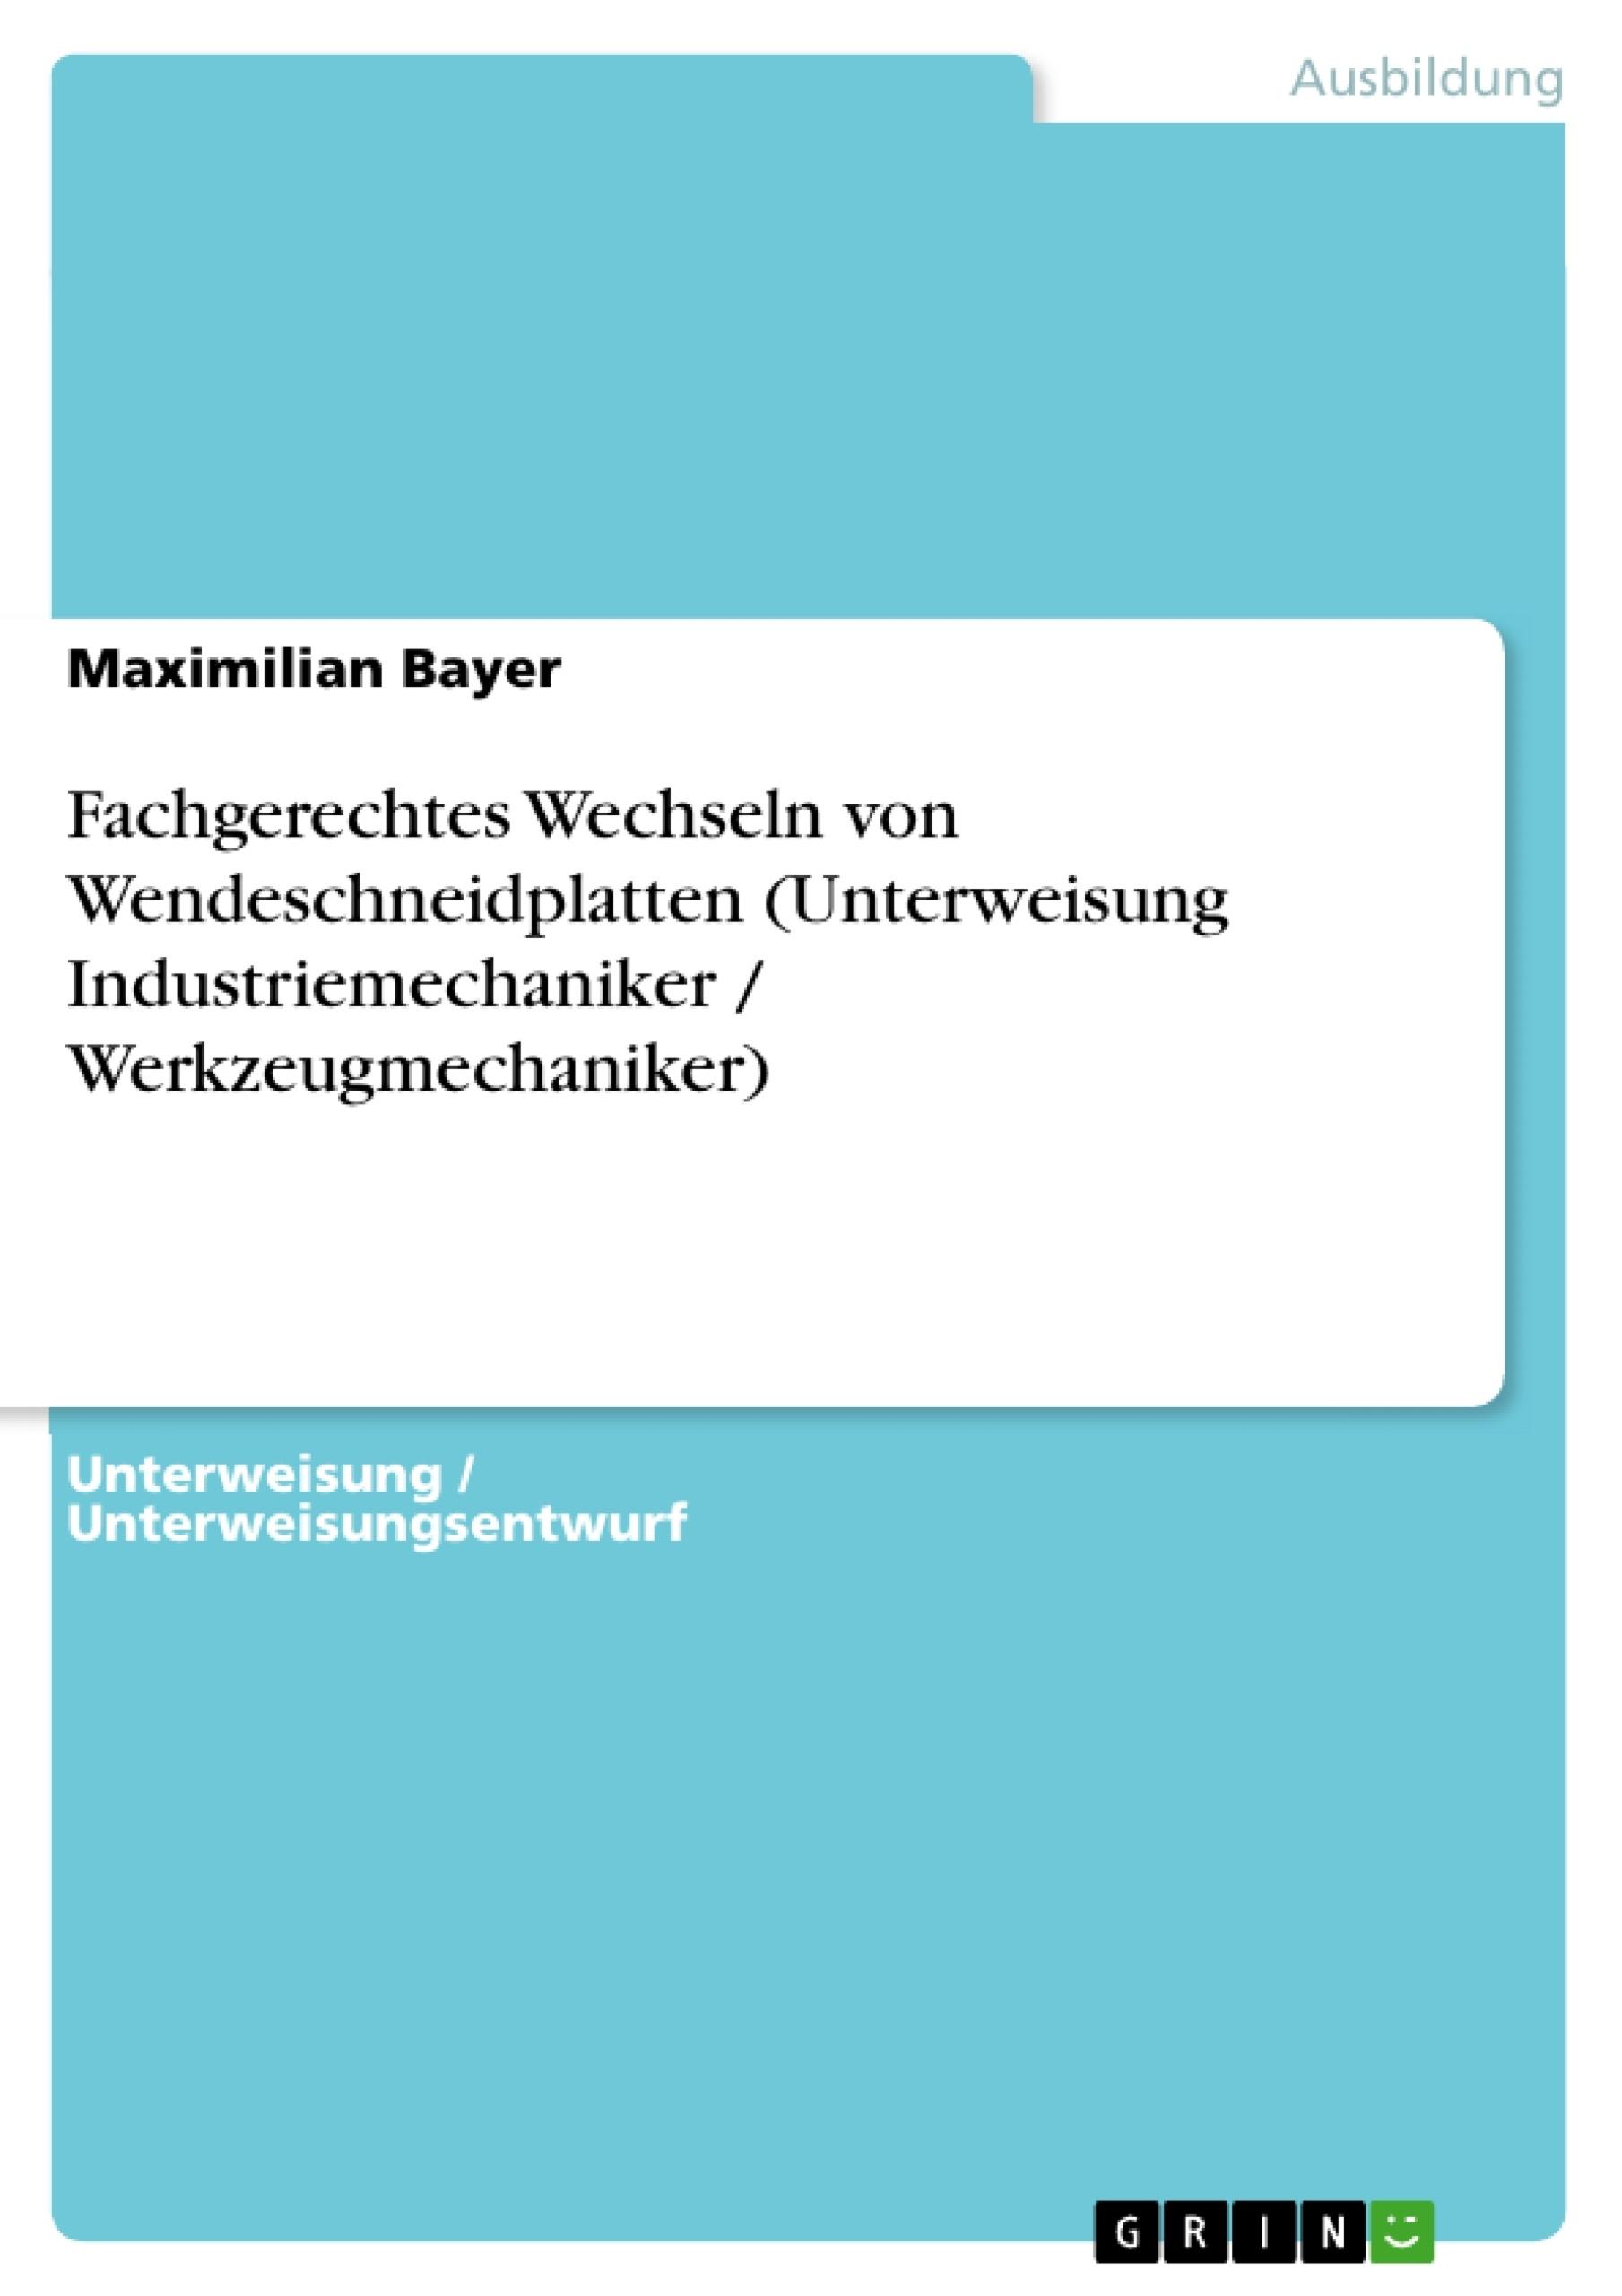 Titel: Fachgerechtes Wechseln von Wendeschneidplatten (Unterweisung Industriemechaniker / Werkzeugmechaniker)